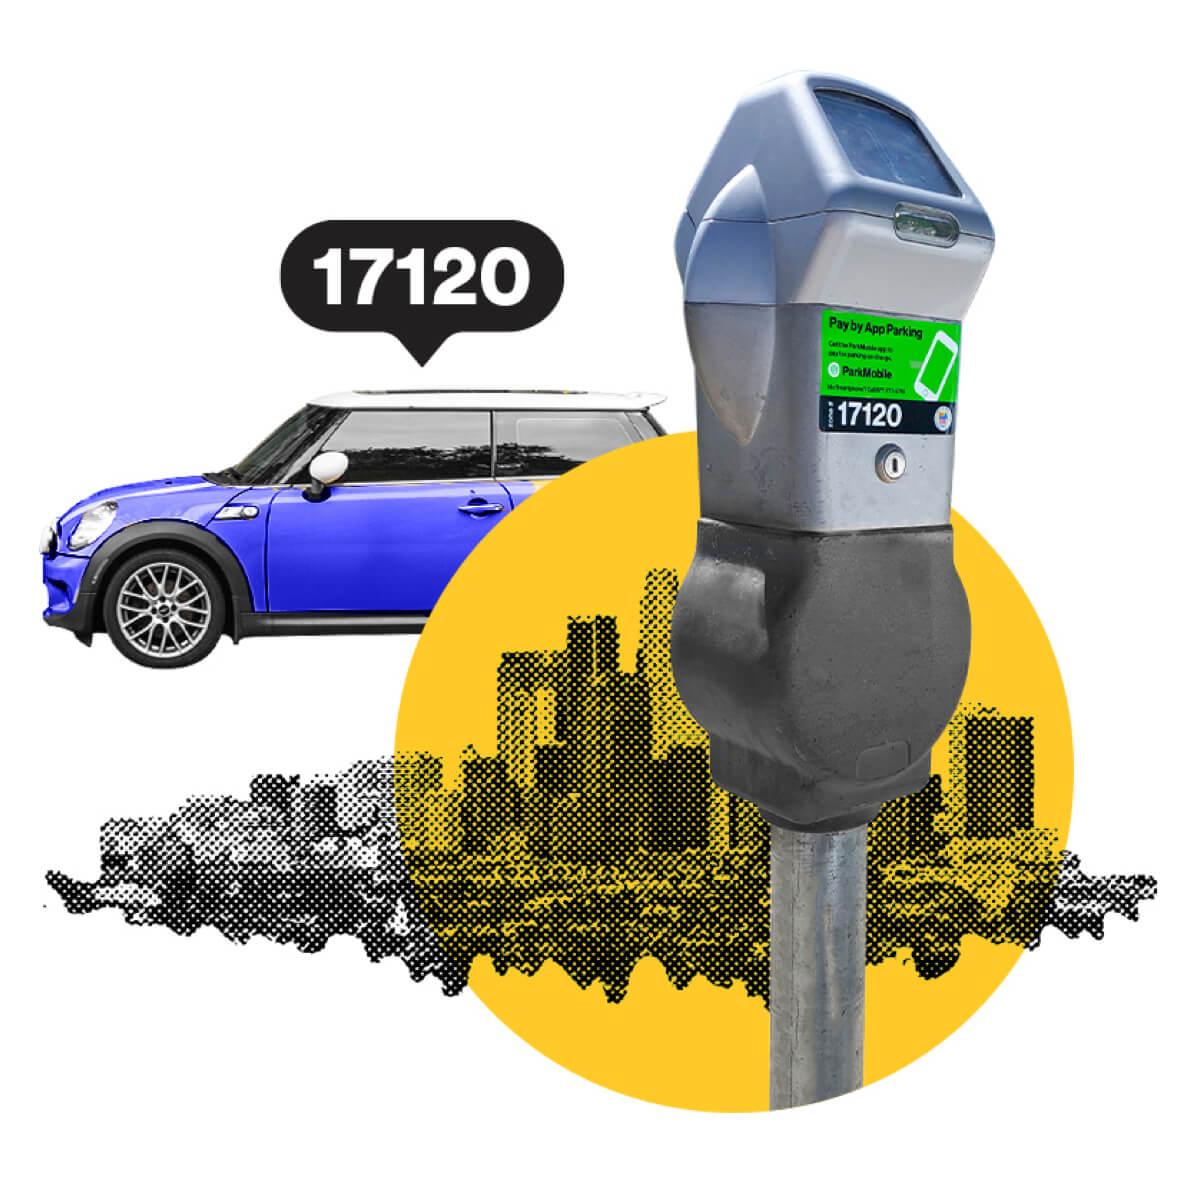 Zone Parking - ParkMobile